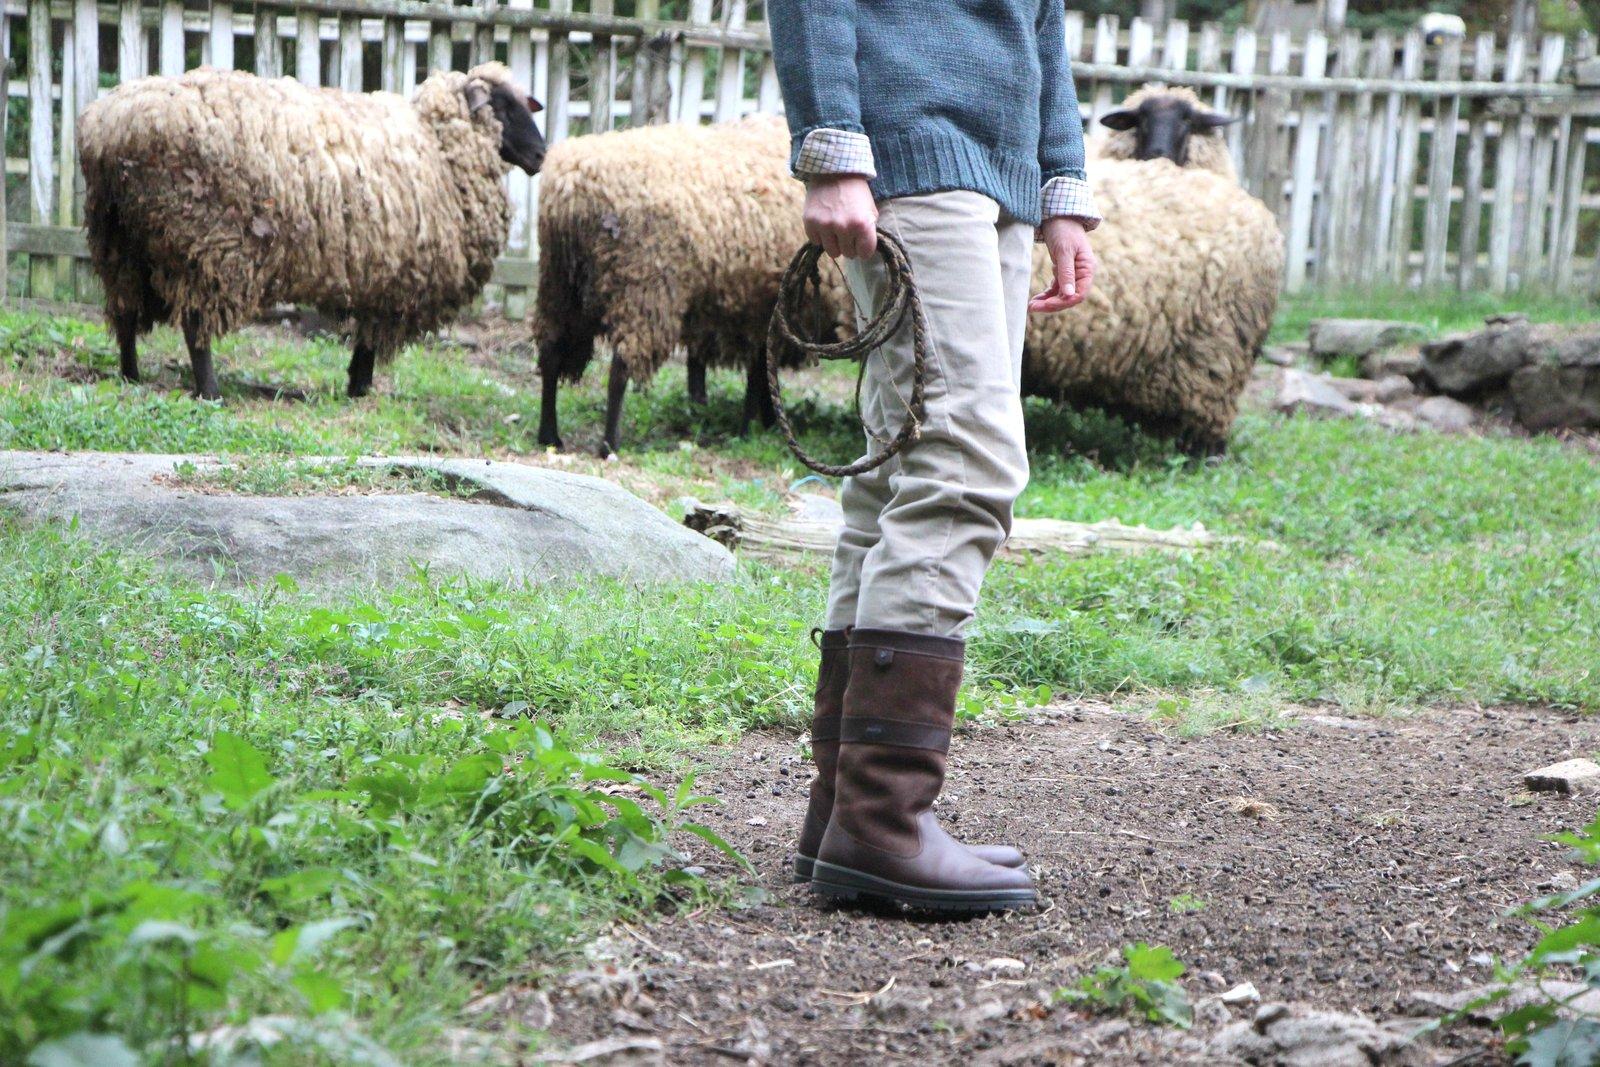 Remplacez les bottes par une paire de chaussures plus civilisée, et vous obtiendrez une fort belle tenue de ville tout en gardant le charme sans égal du gentilhomme fermier que vous n'êtes pas. Source : Salt Water New England.